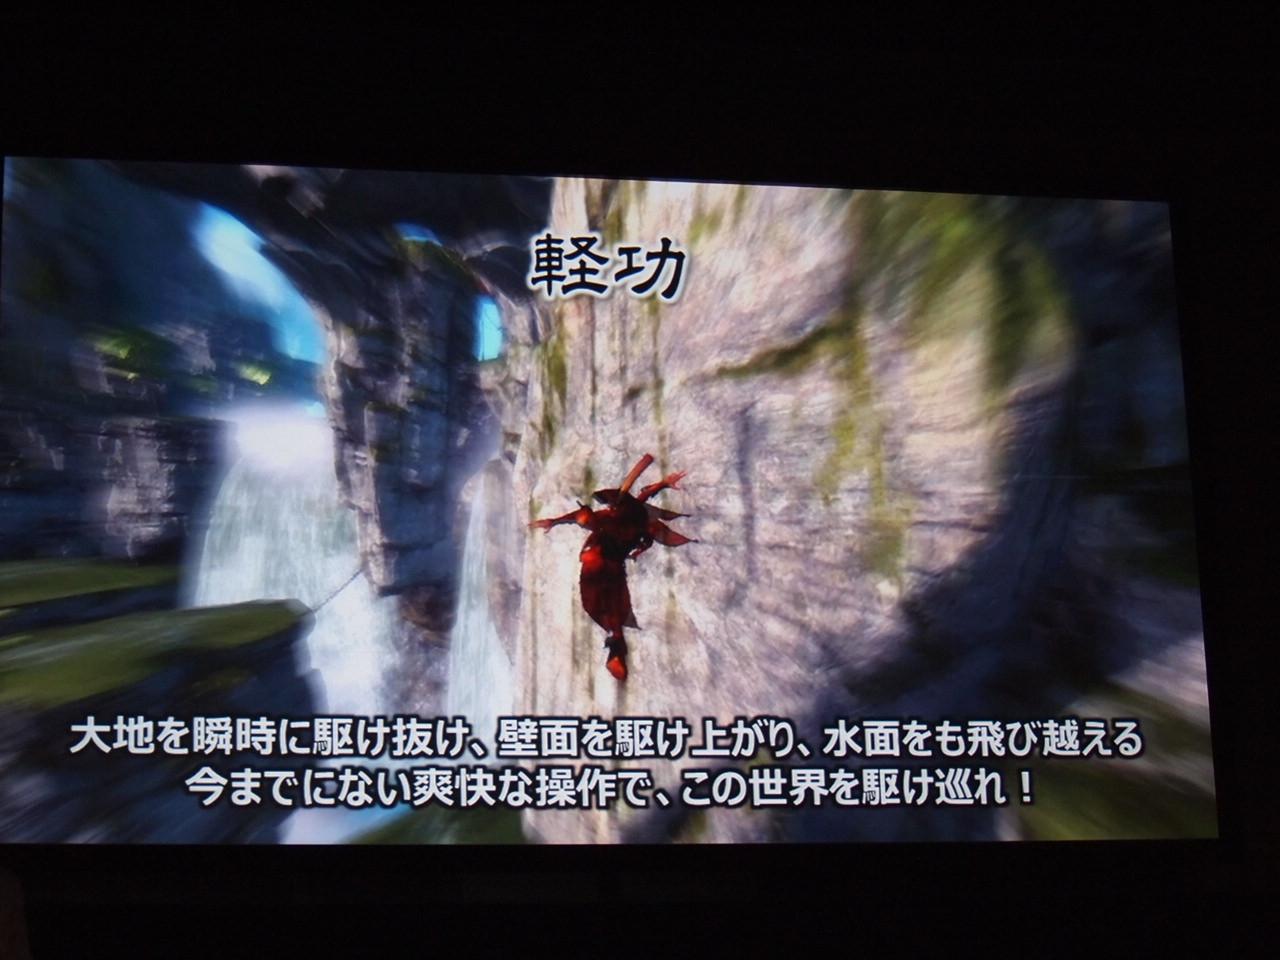 本作を特徴付ける要素「軽功」。壁を走ったり、水面をはねたりとアクロバティックな移動ができる